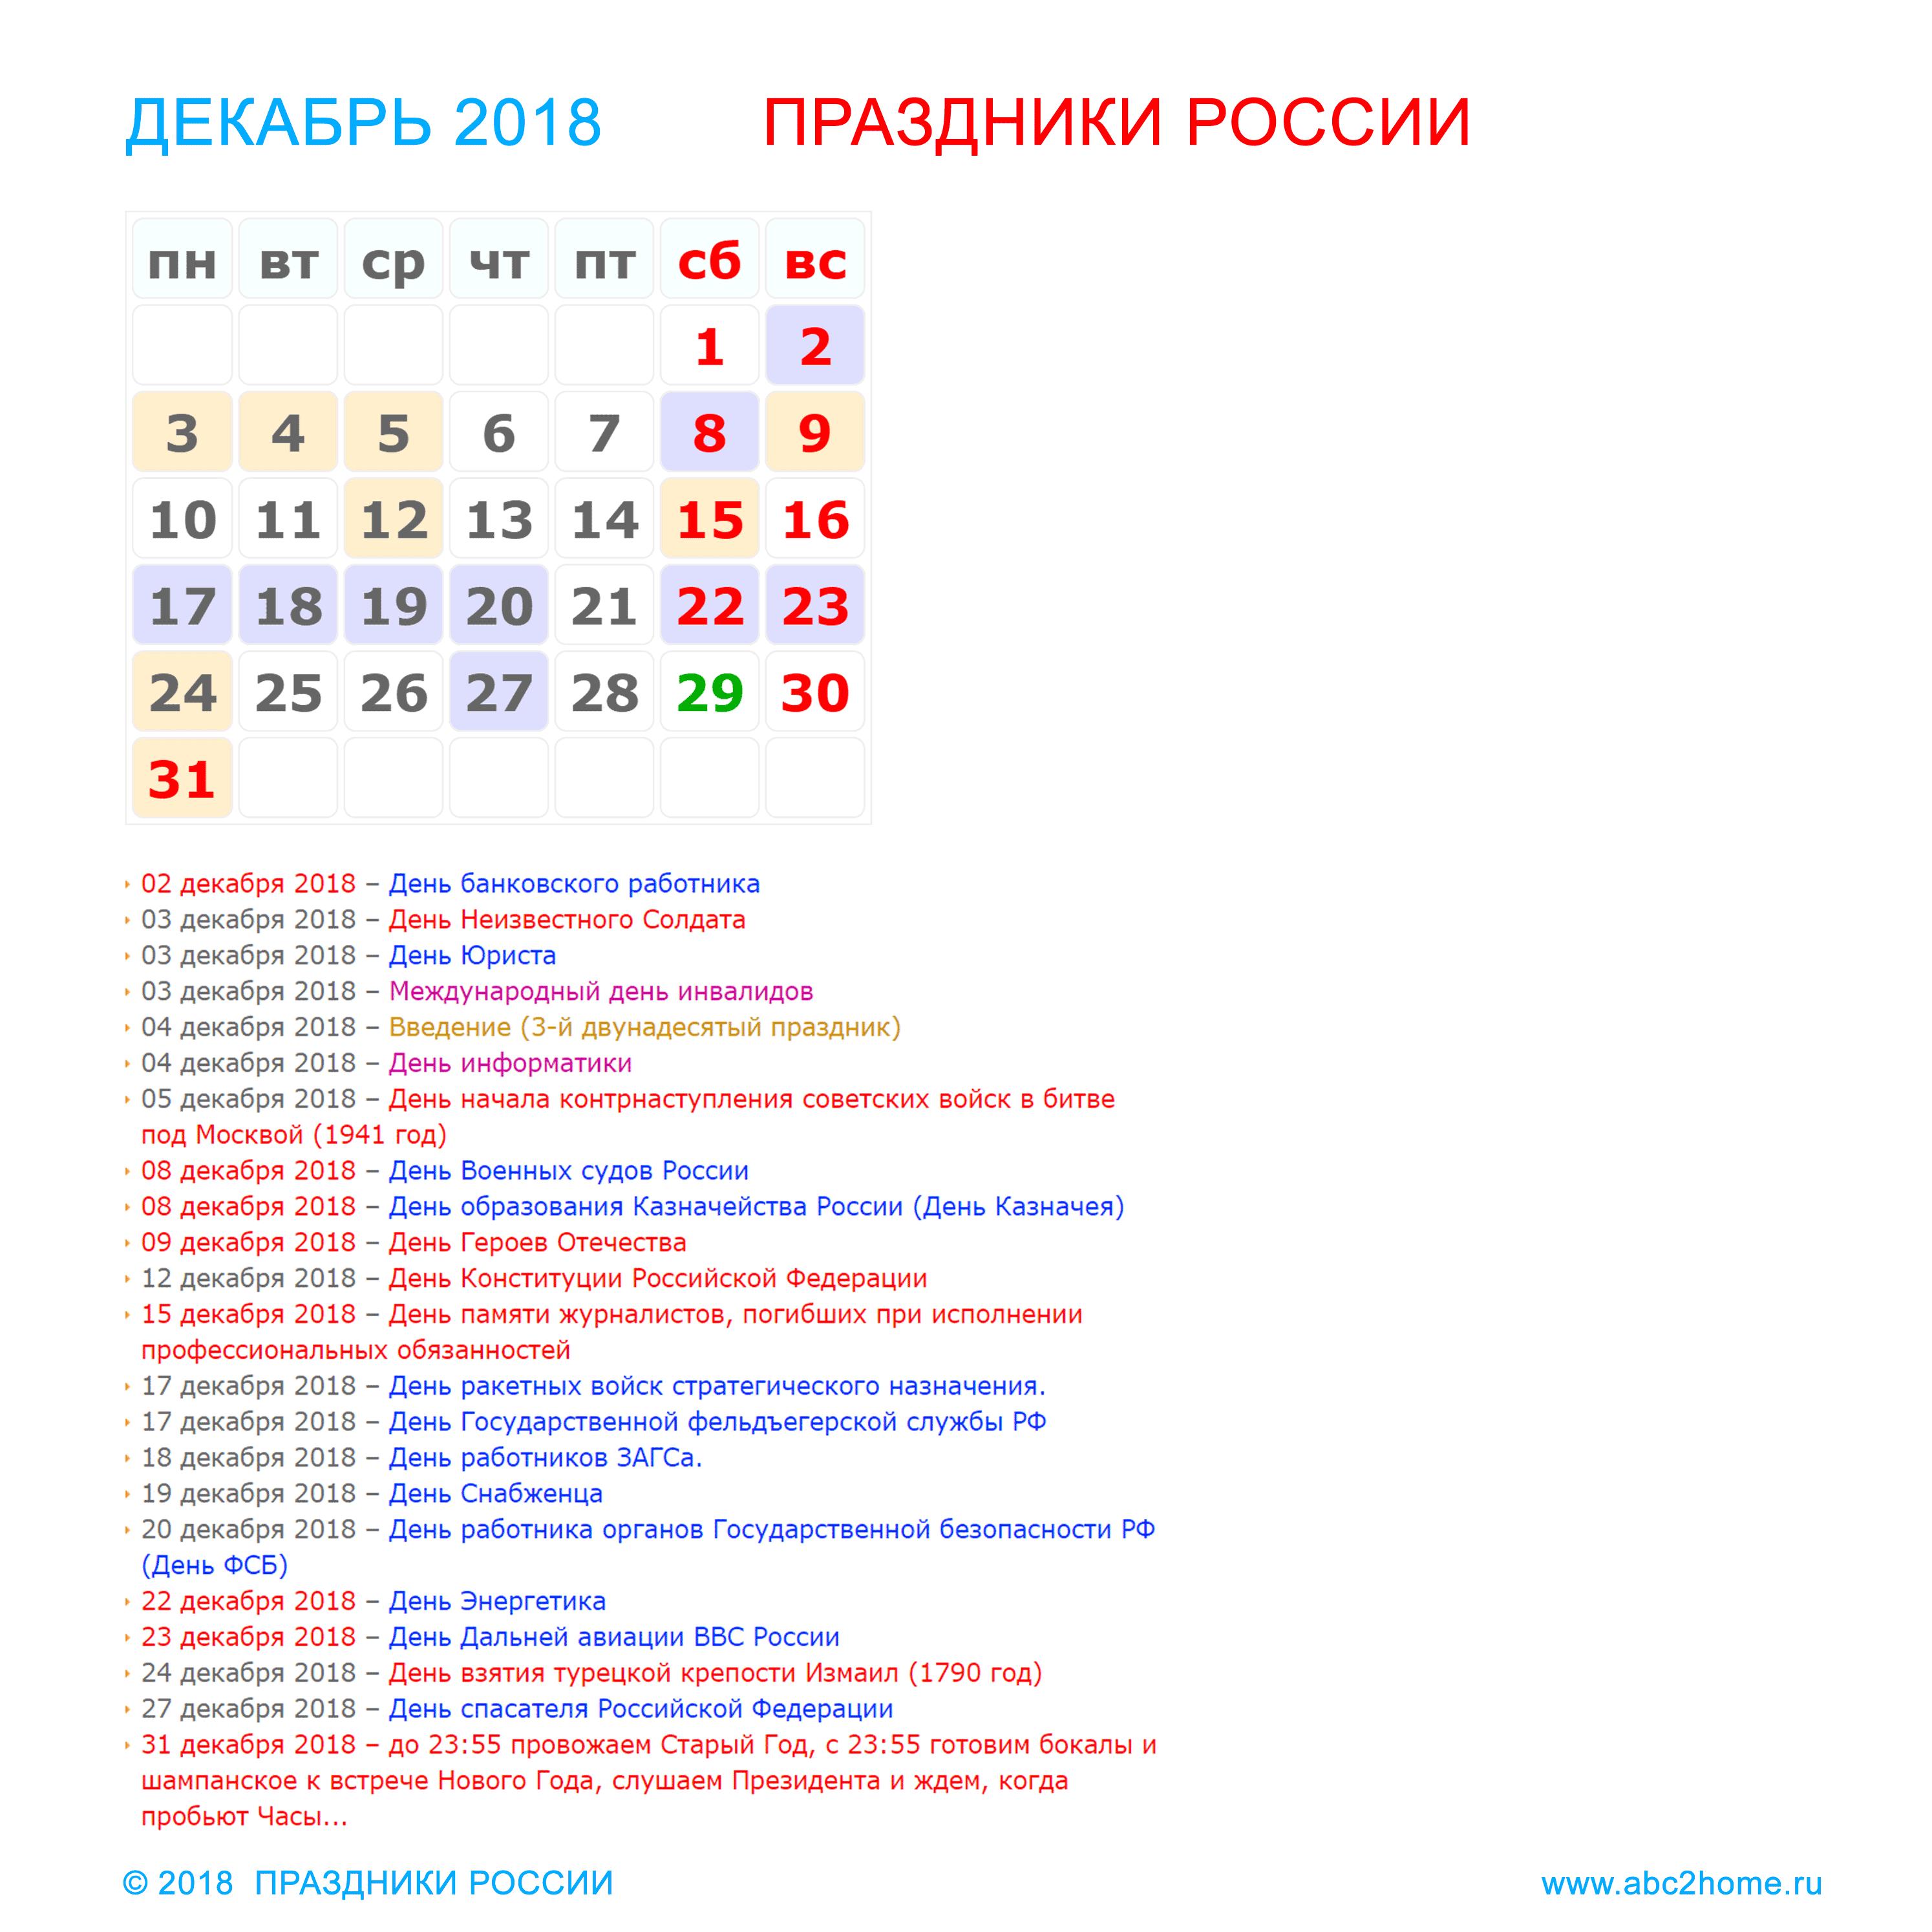 kalendarik_dekabr_2018_big.png